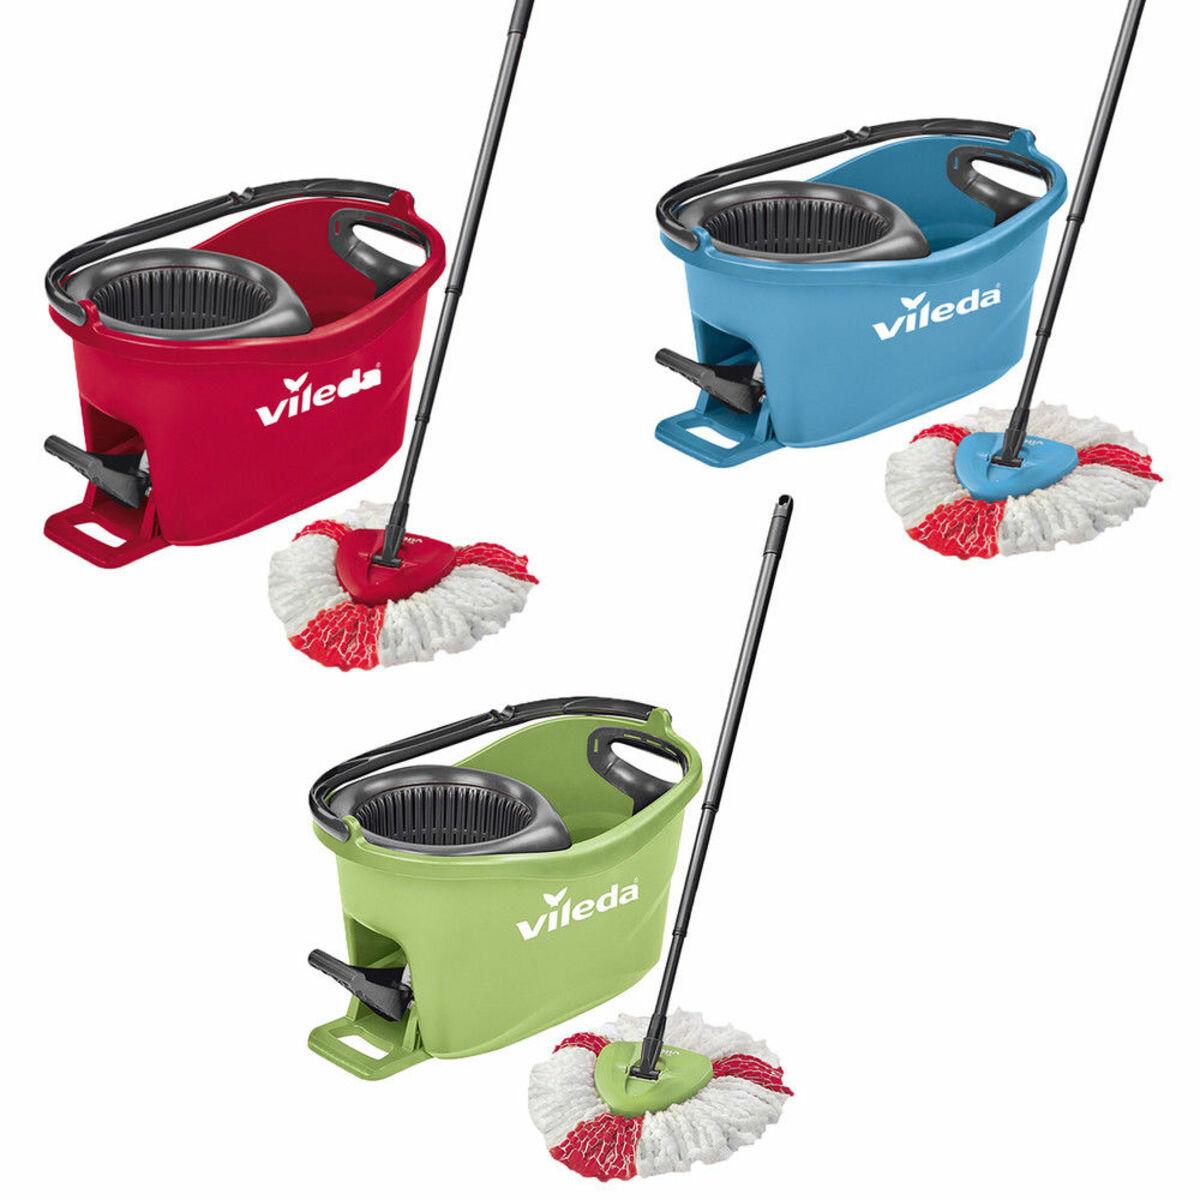 Bild 1 von Vileda Wischmop-Set Turbo Easy Wring & Clean incl. Powerschleuder und Fußpedal, Farbe Grün